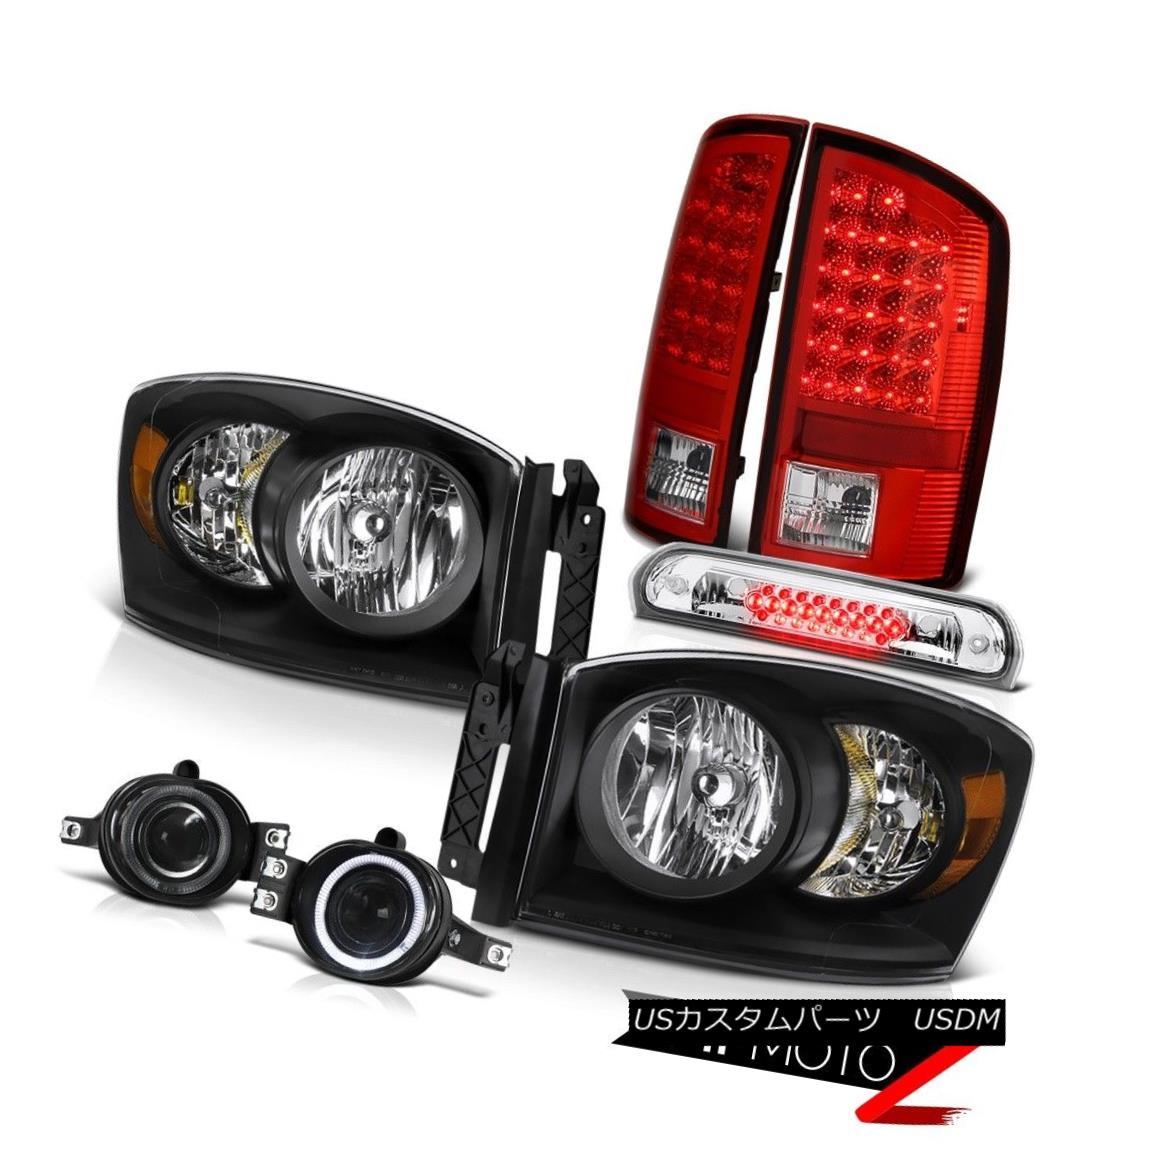 テールライト 2007 2008 Ram Left Right Headlamp LED Tail Lights Projector Foglights High Brake 2007年2008ラム左ライトヘッドランプLEDテールライトプロジェクターフォグライトハイブレーキ